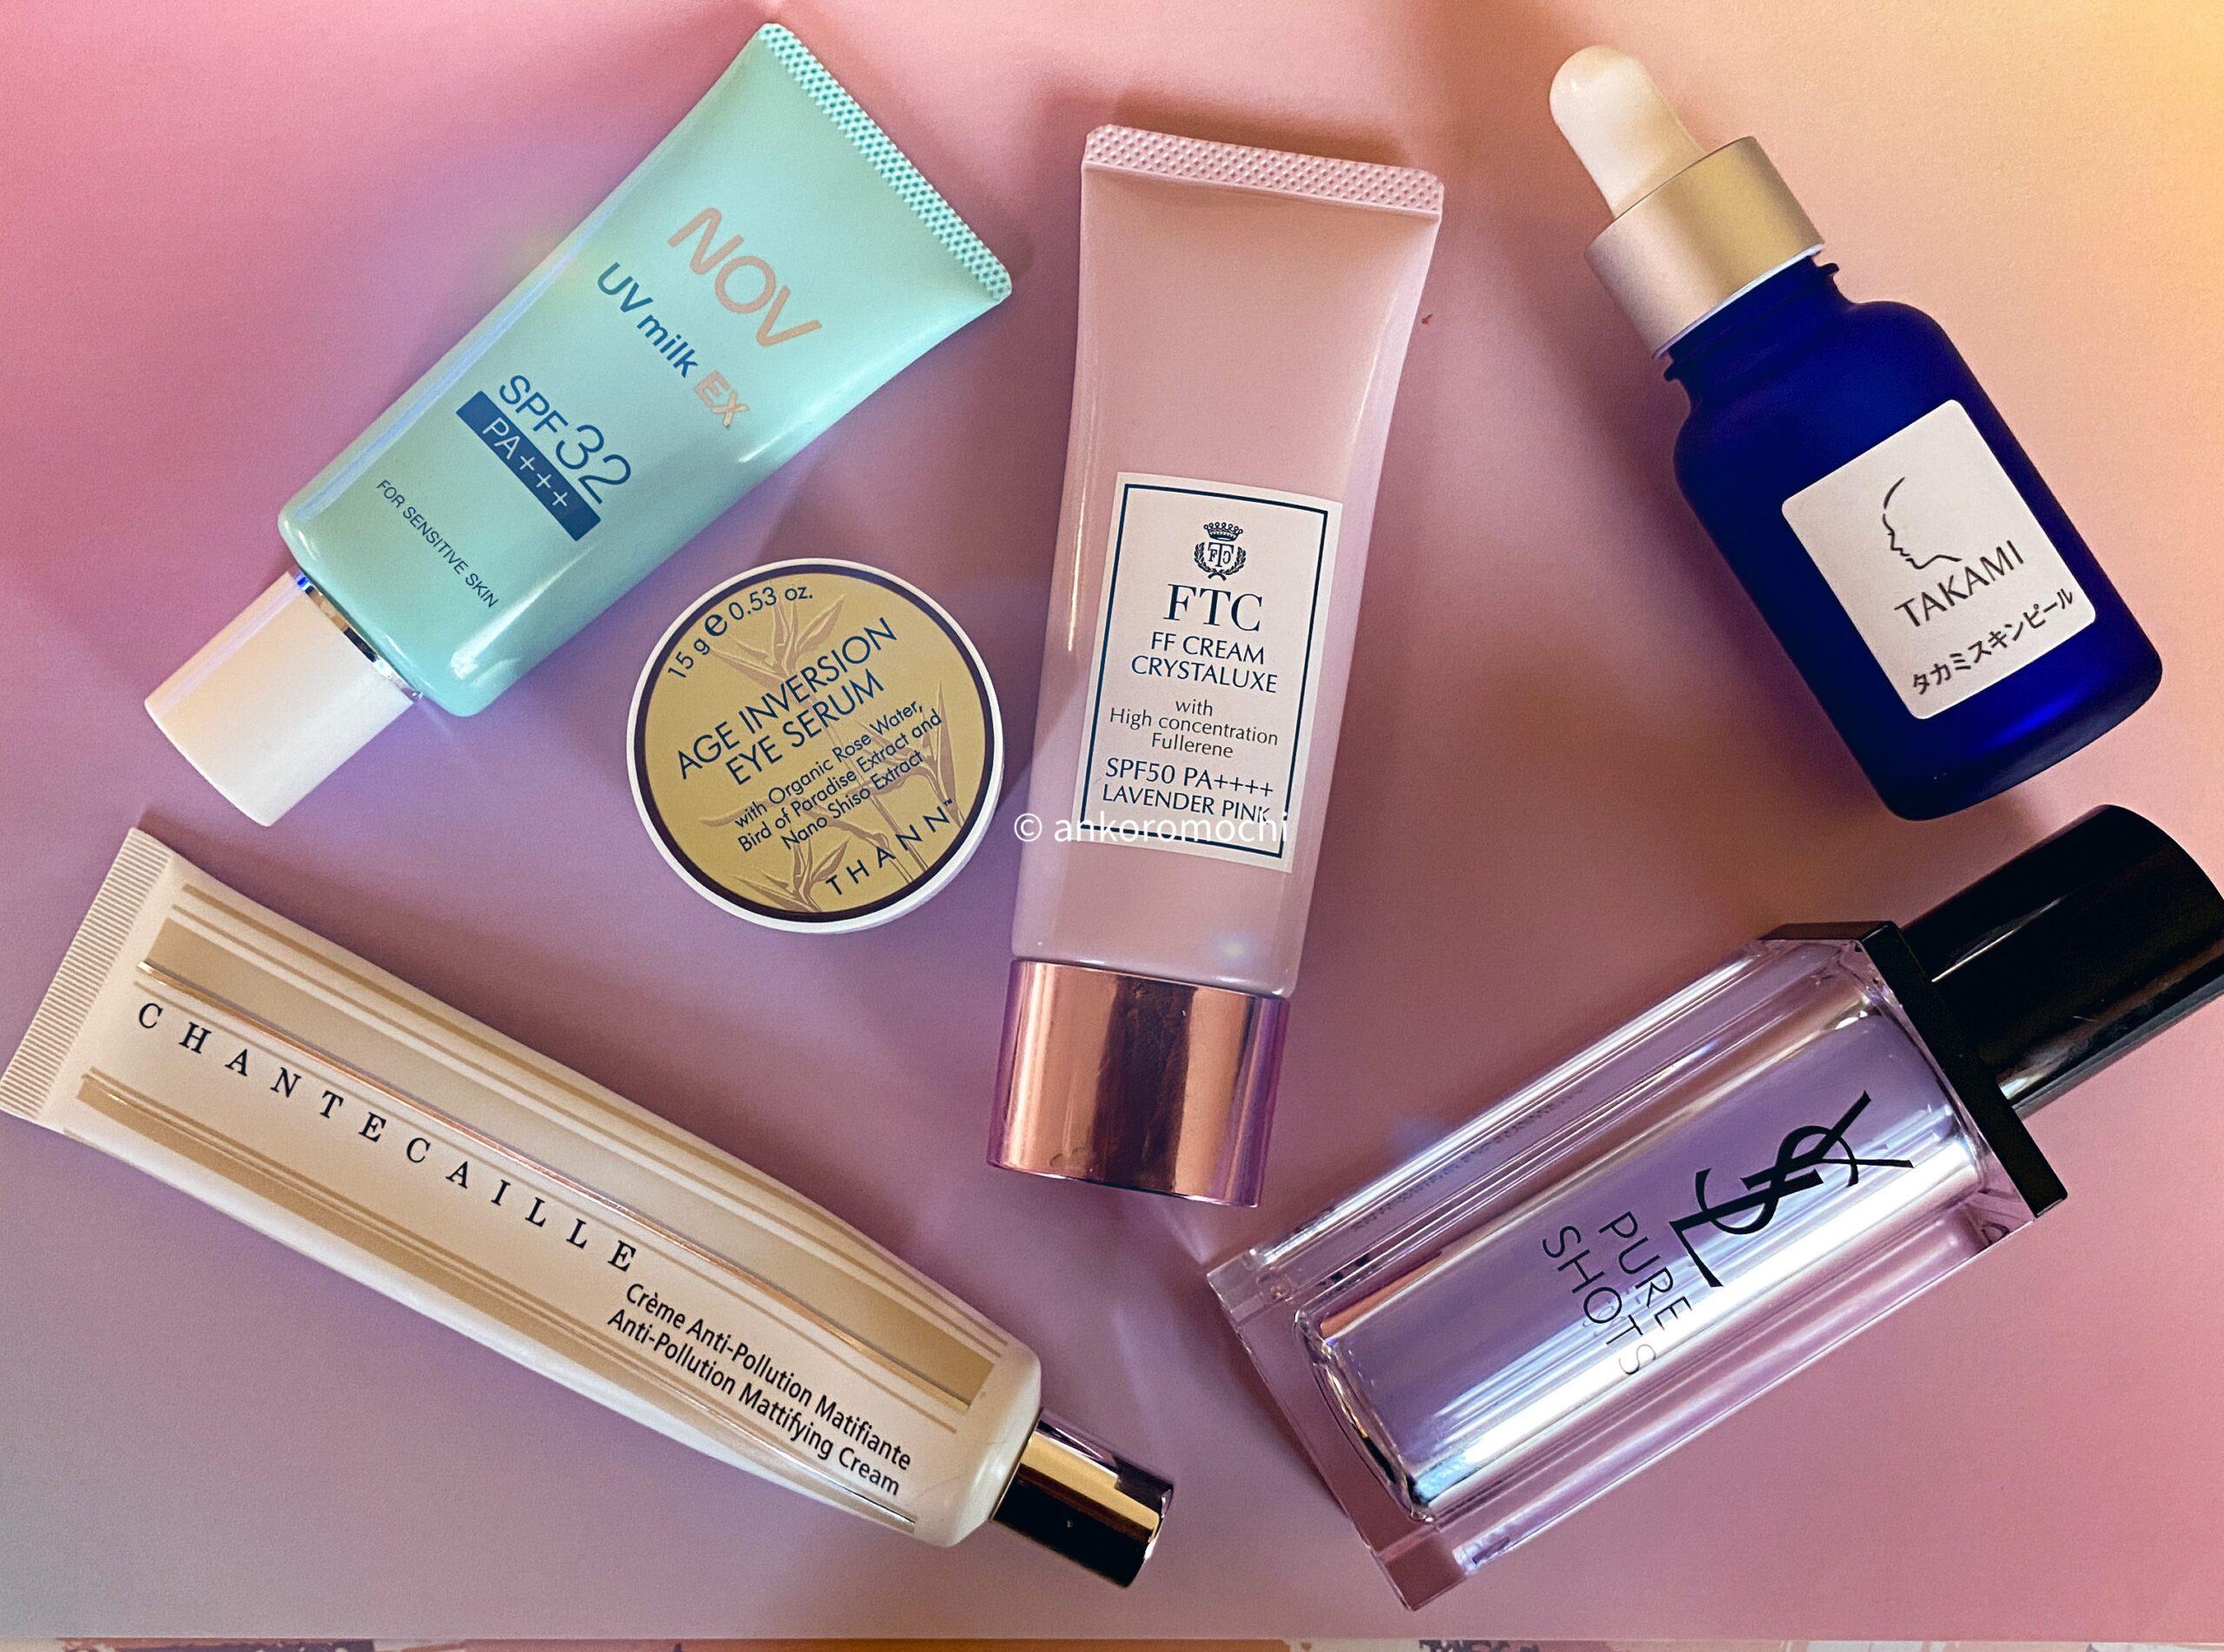 2020夏 基礎化粧品のルーティーン